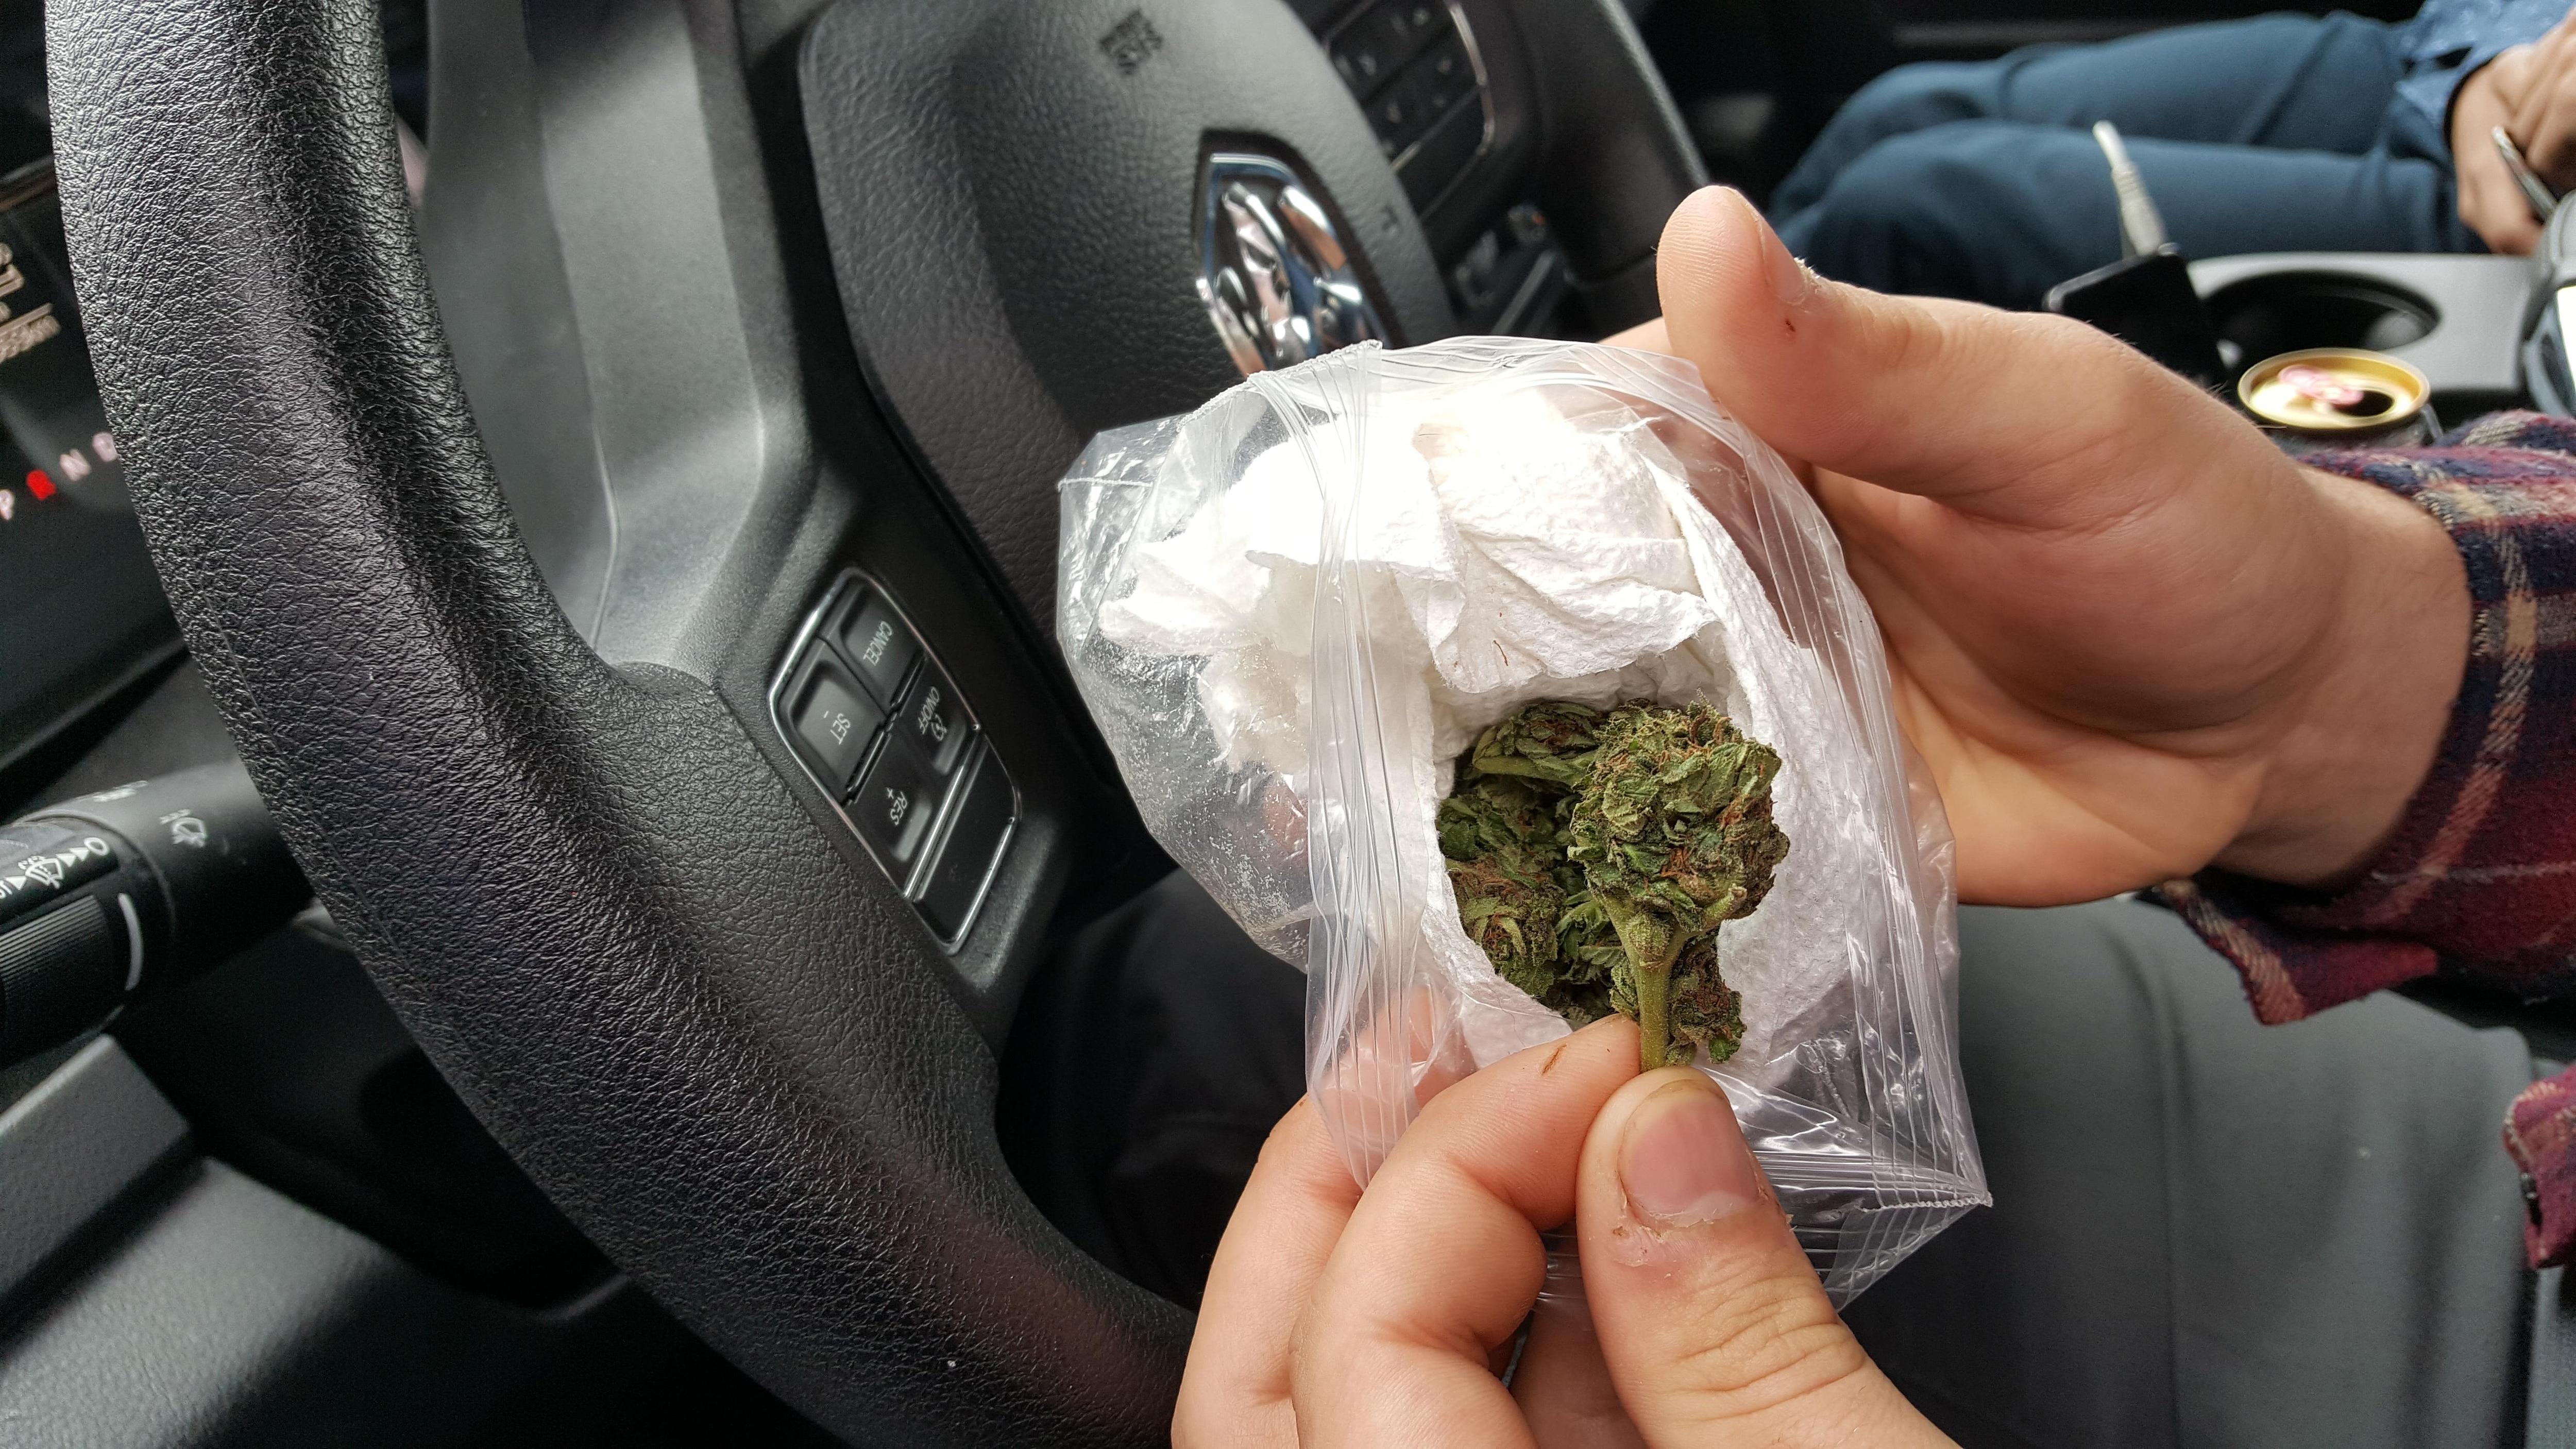 Le nombre d'experts en reconnaissance de drogues toujours insuffisant selon les chefs de police